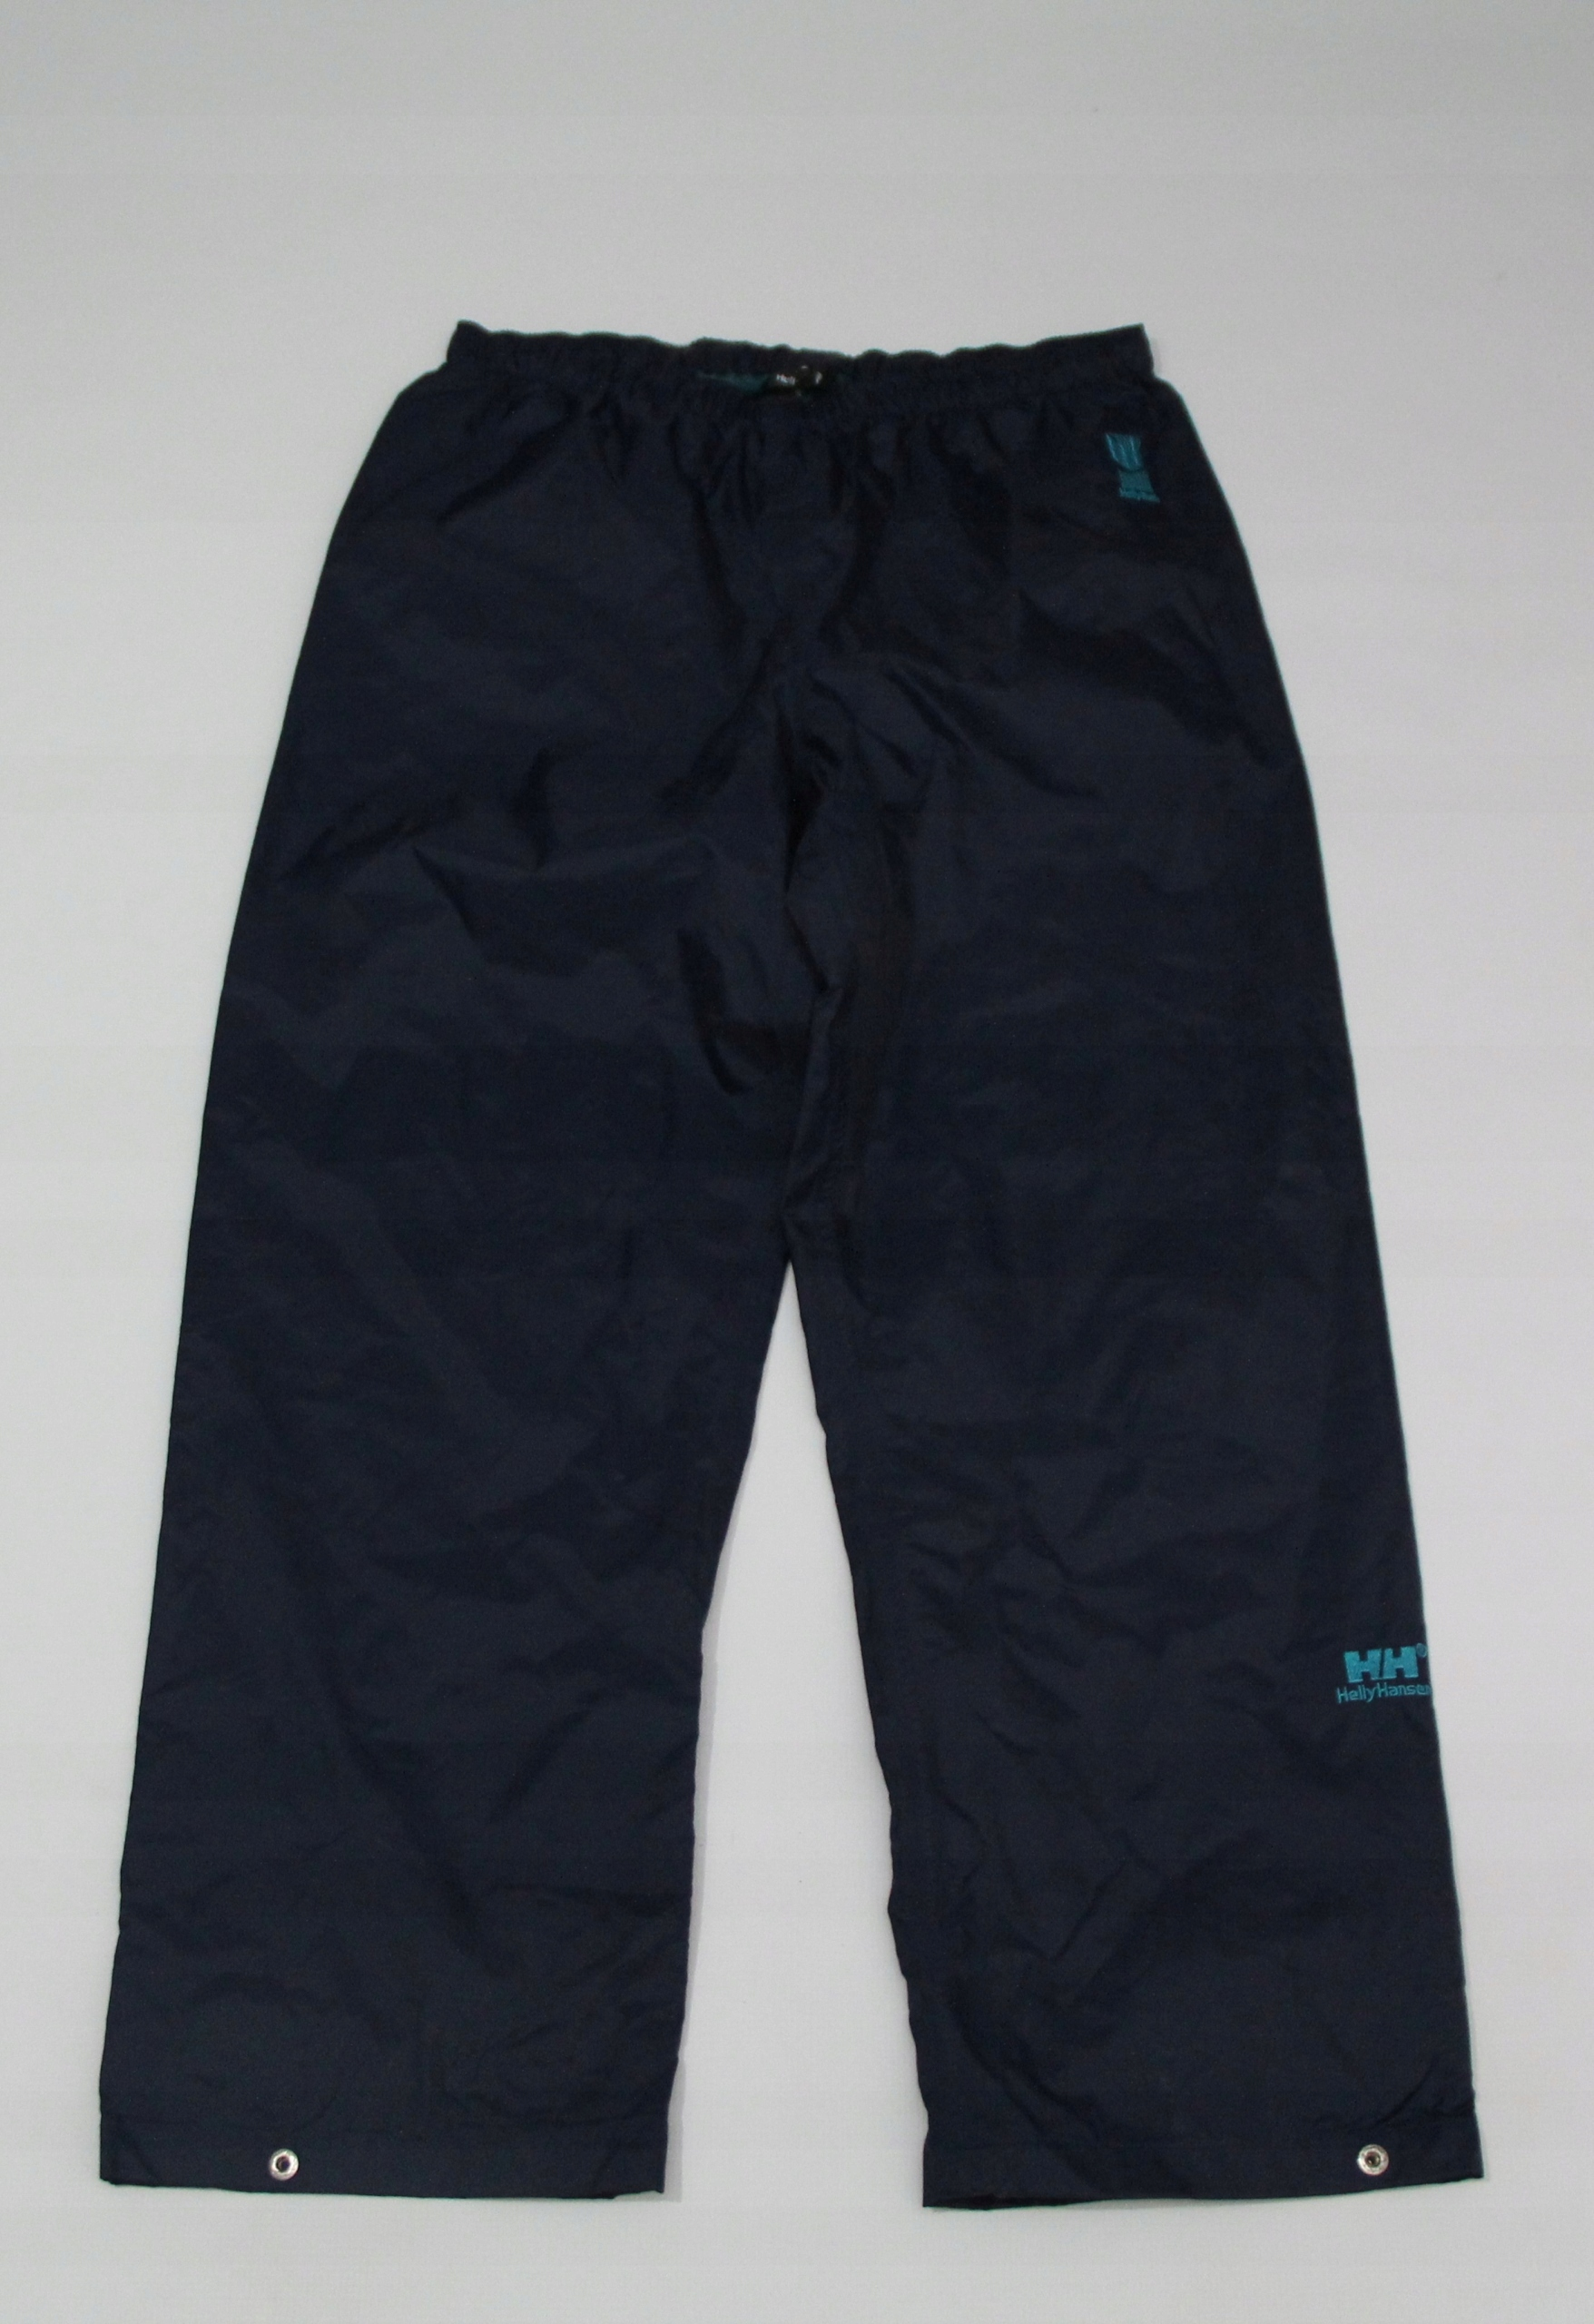 niepokonany x wyprzedaż ze zniżką 100% autentyczności Spodnie Przeciwdeszczowe Helly Hansen Helly Tech L